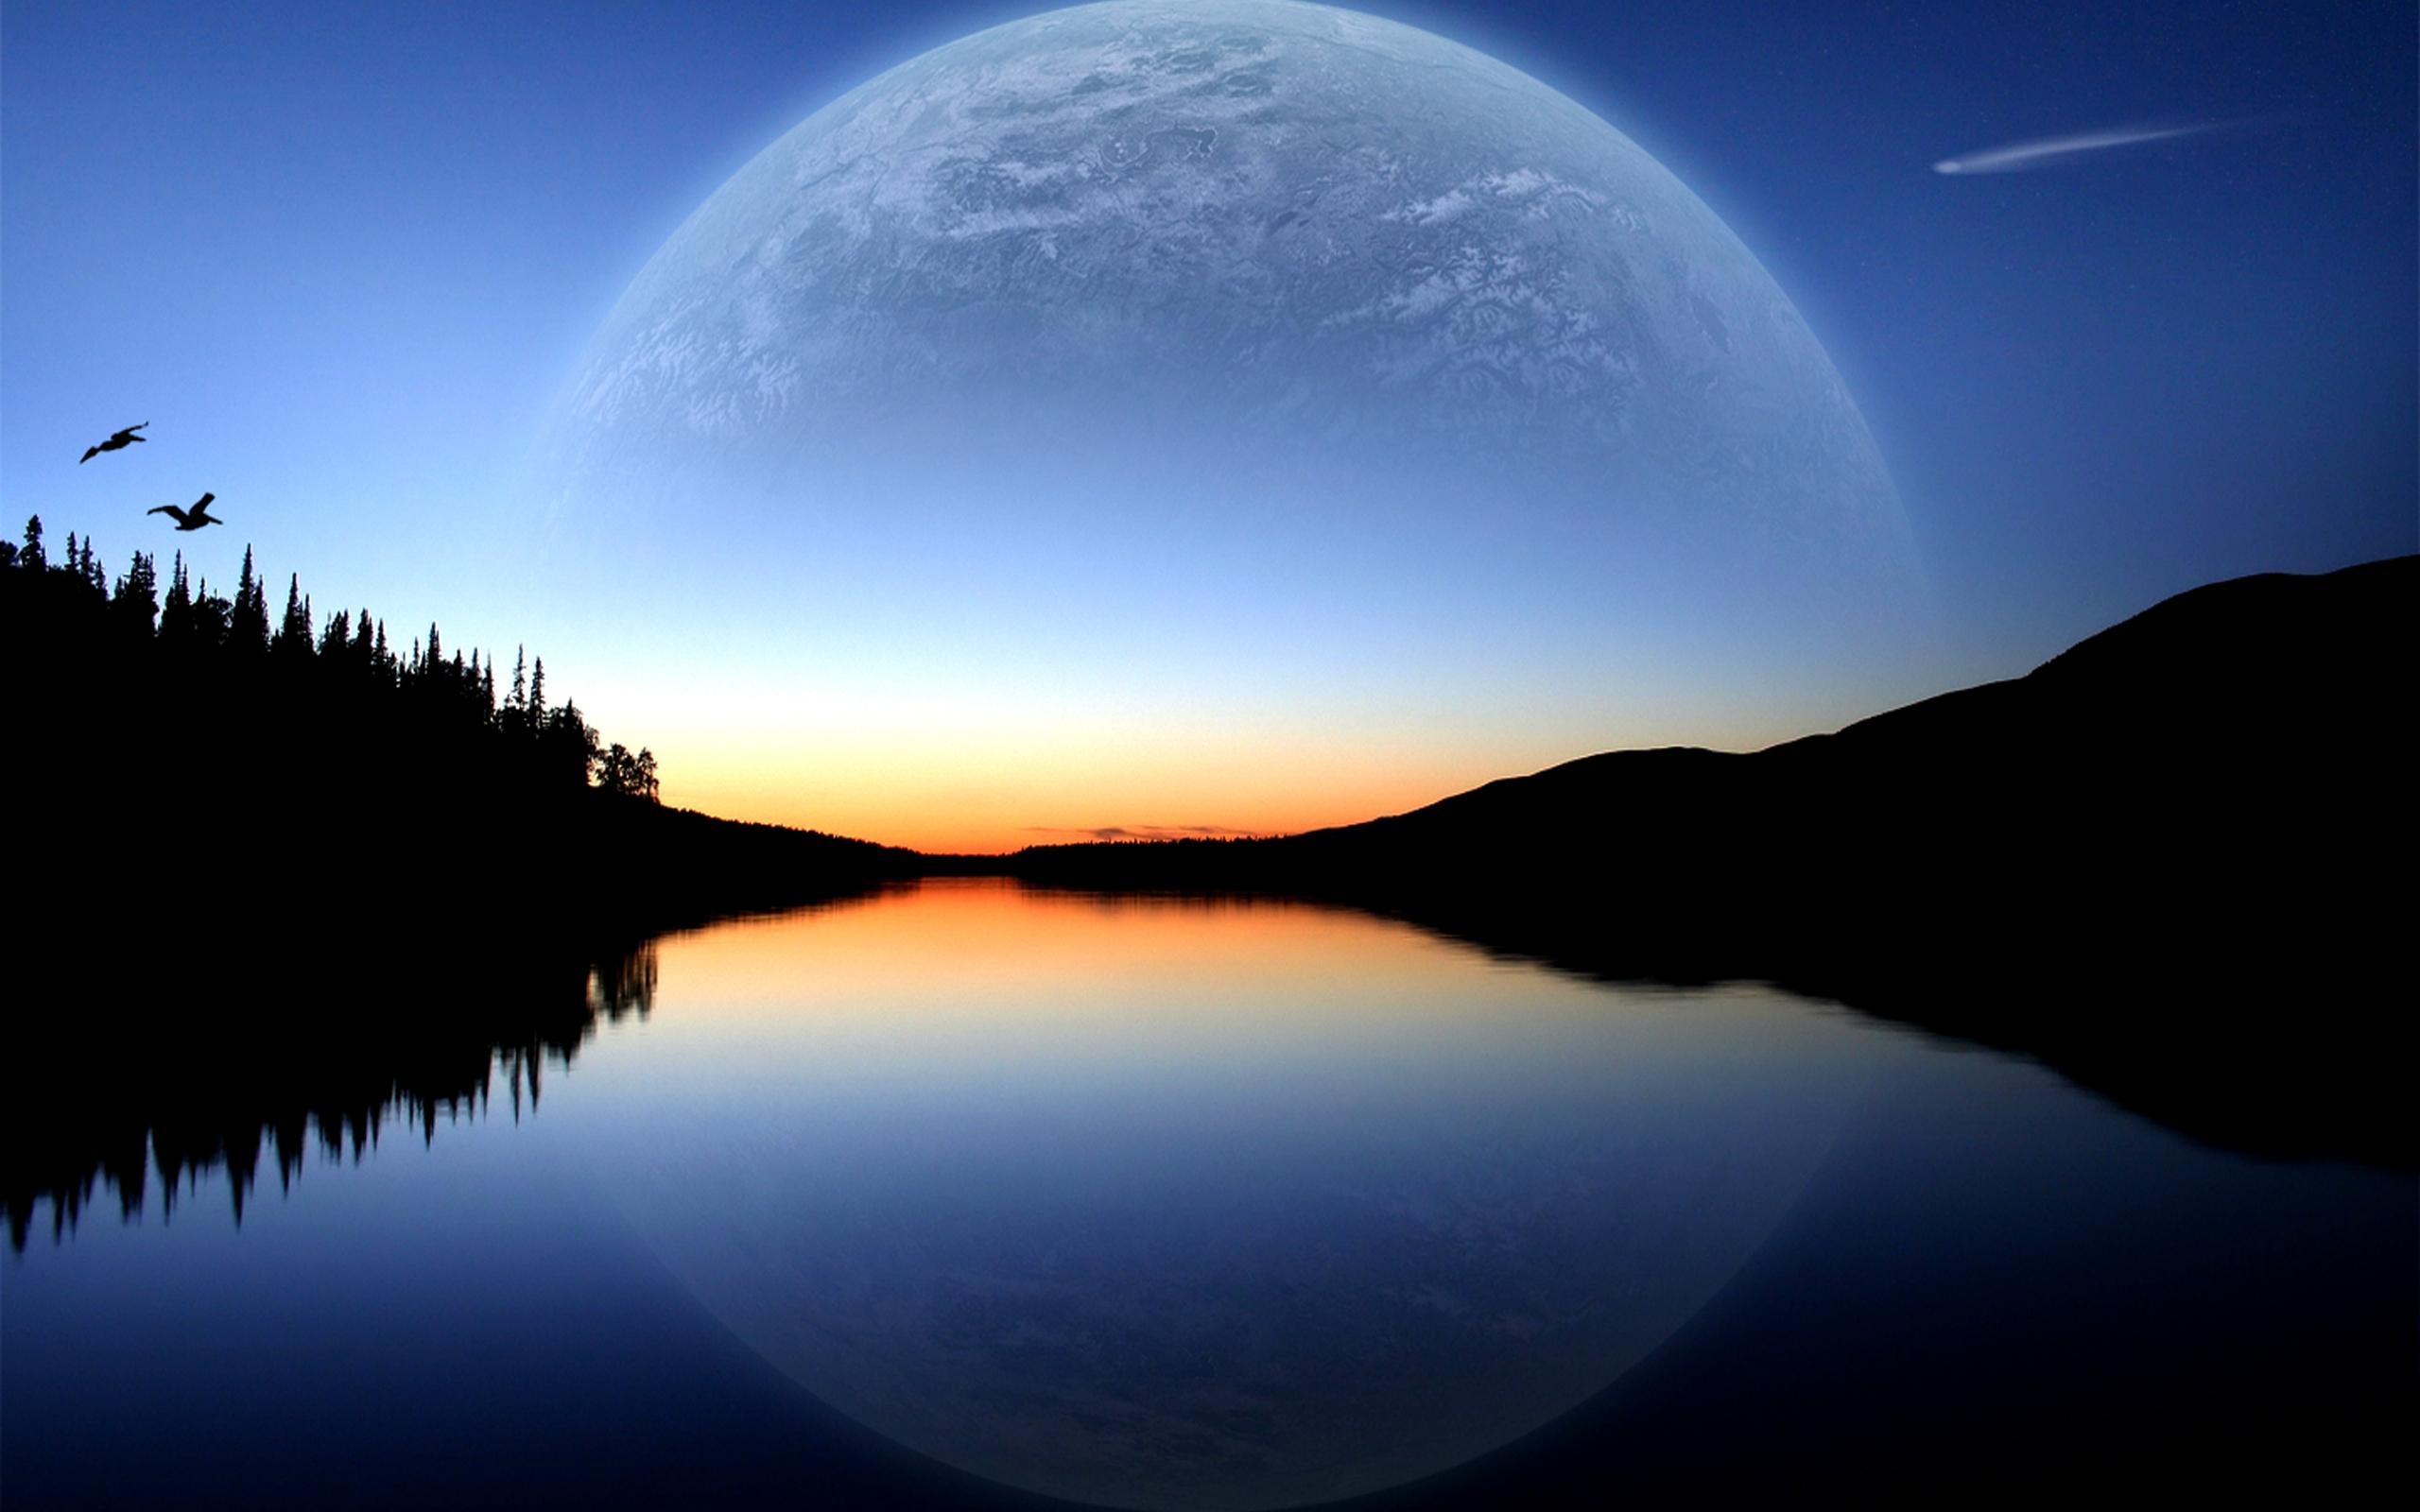 закат, горизонт, небо